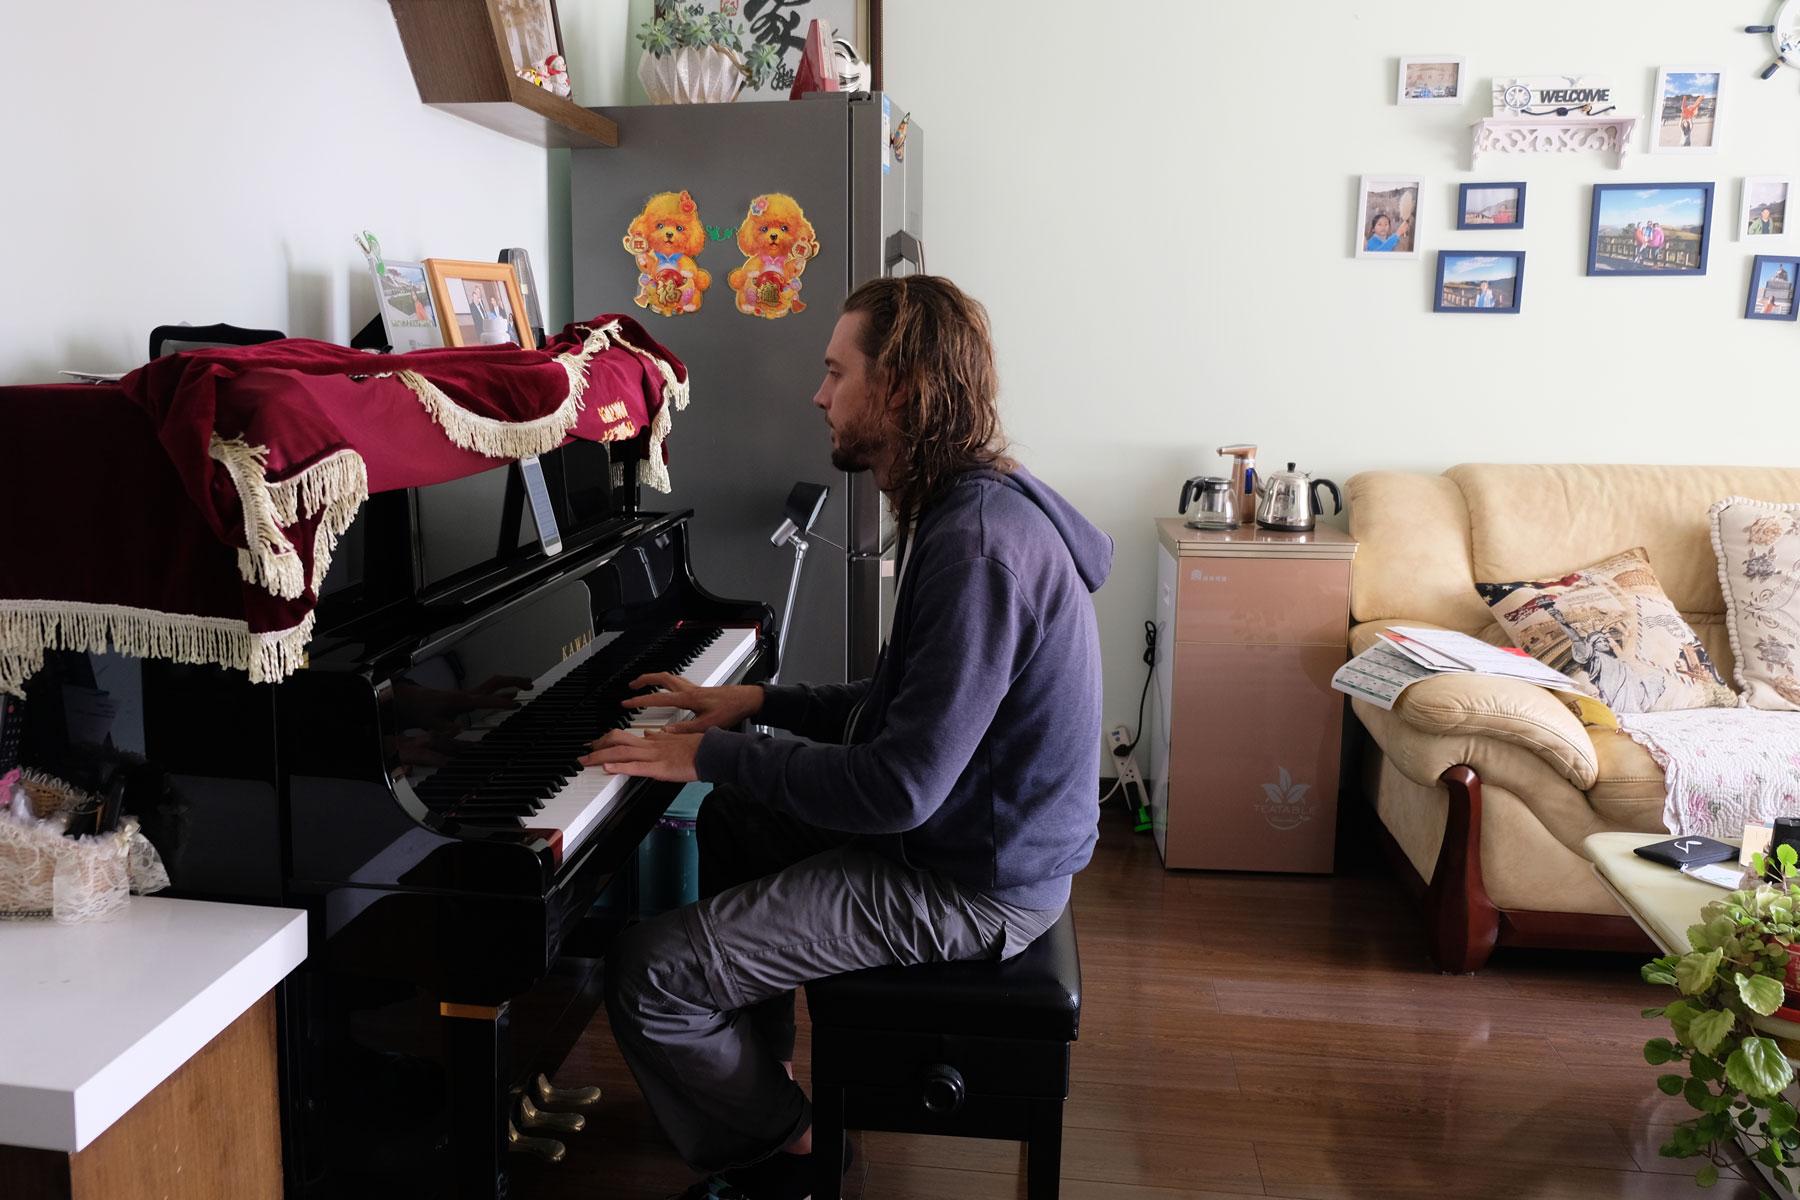 Sebastian spielt Klavier im Wohnzimmer von Sunny und Terry.